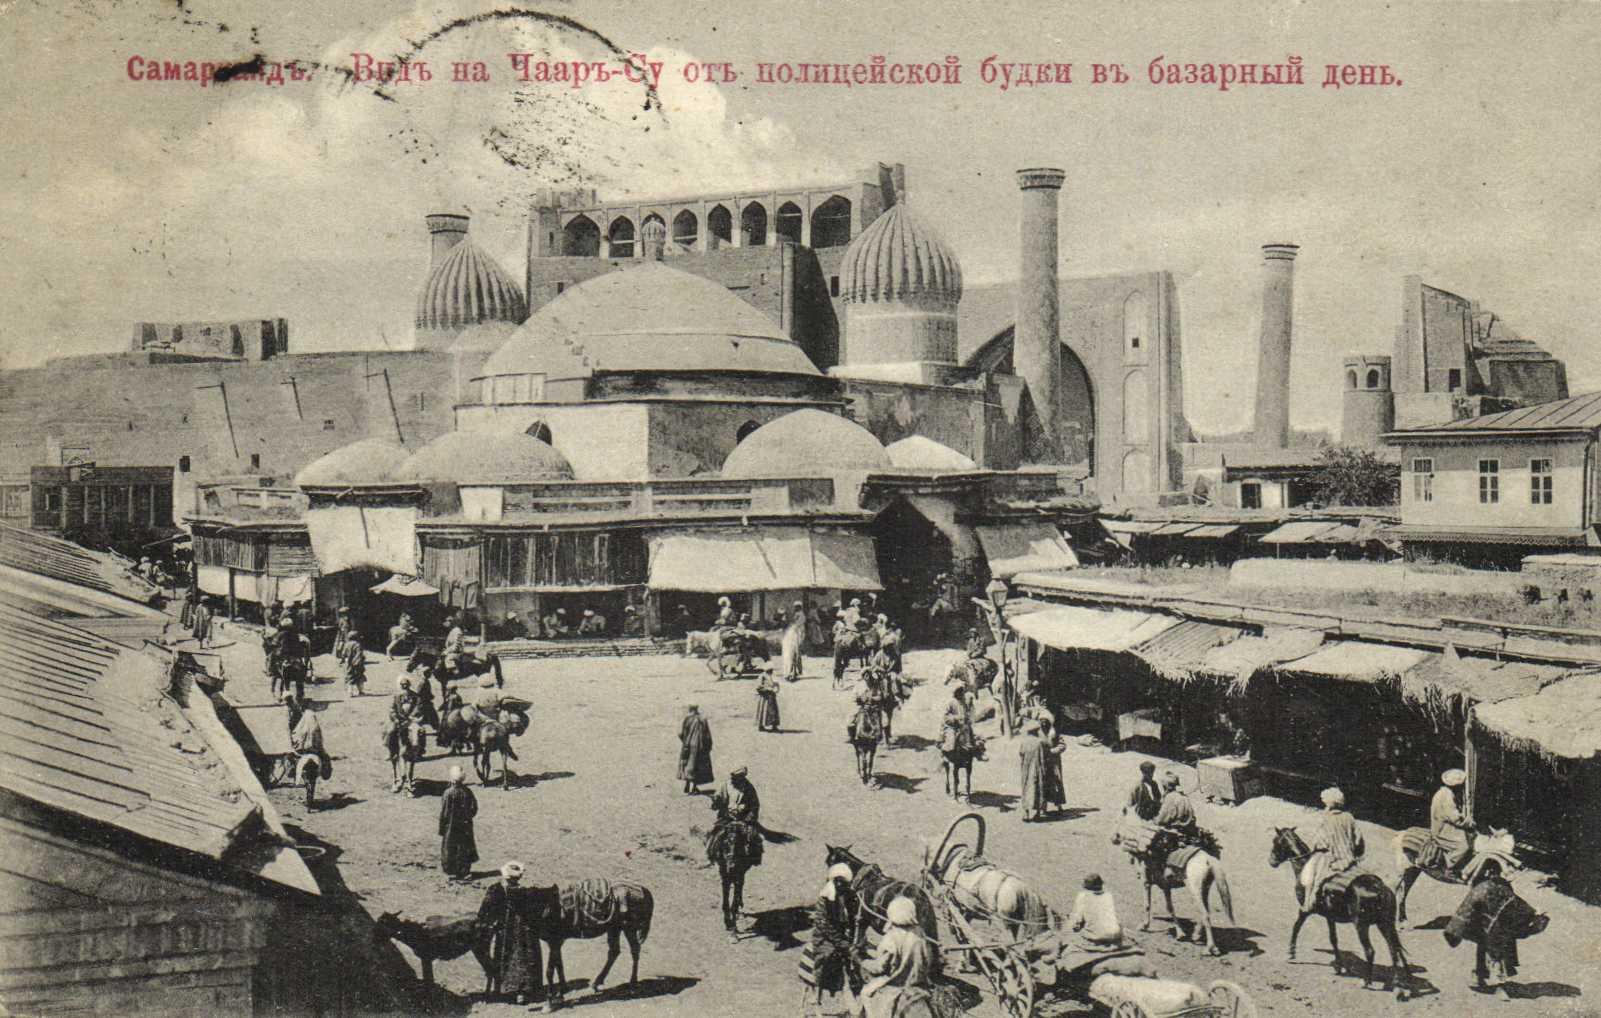 Вид на Чаар-Су от полицейской будки в базарный день